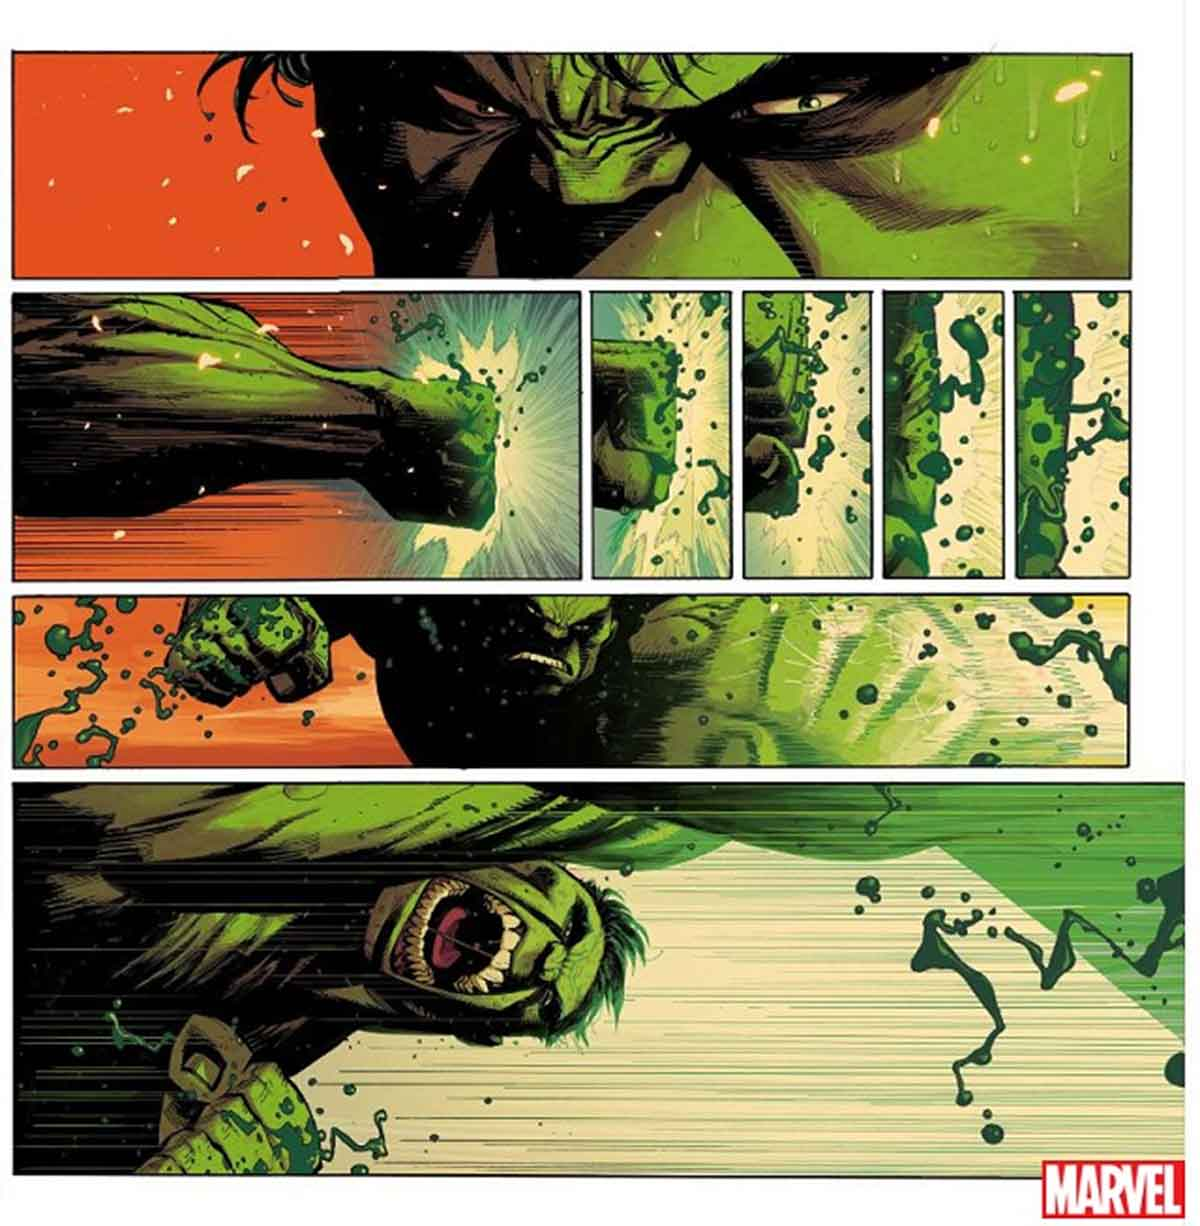 Marvel reiniciará a Hulk buscando una respuesta para su ira